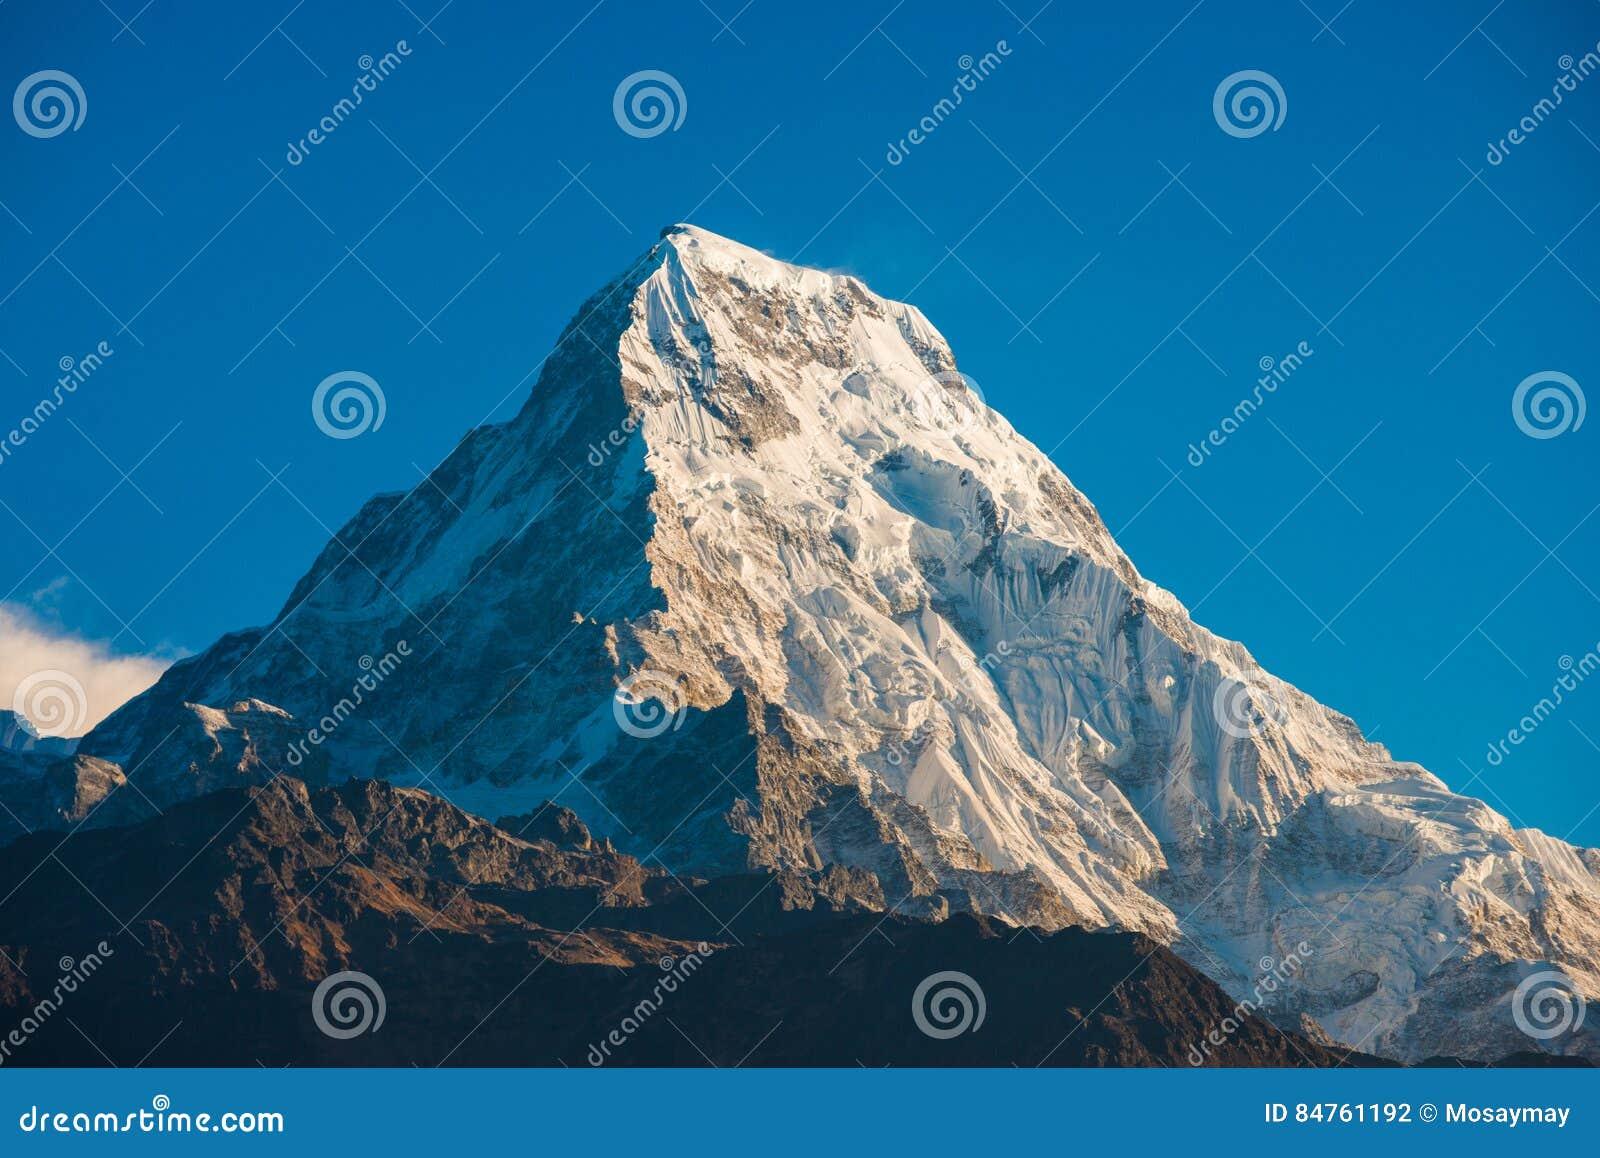 Beautiful snow mountain of Annapurna Himalayan Range